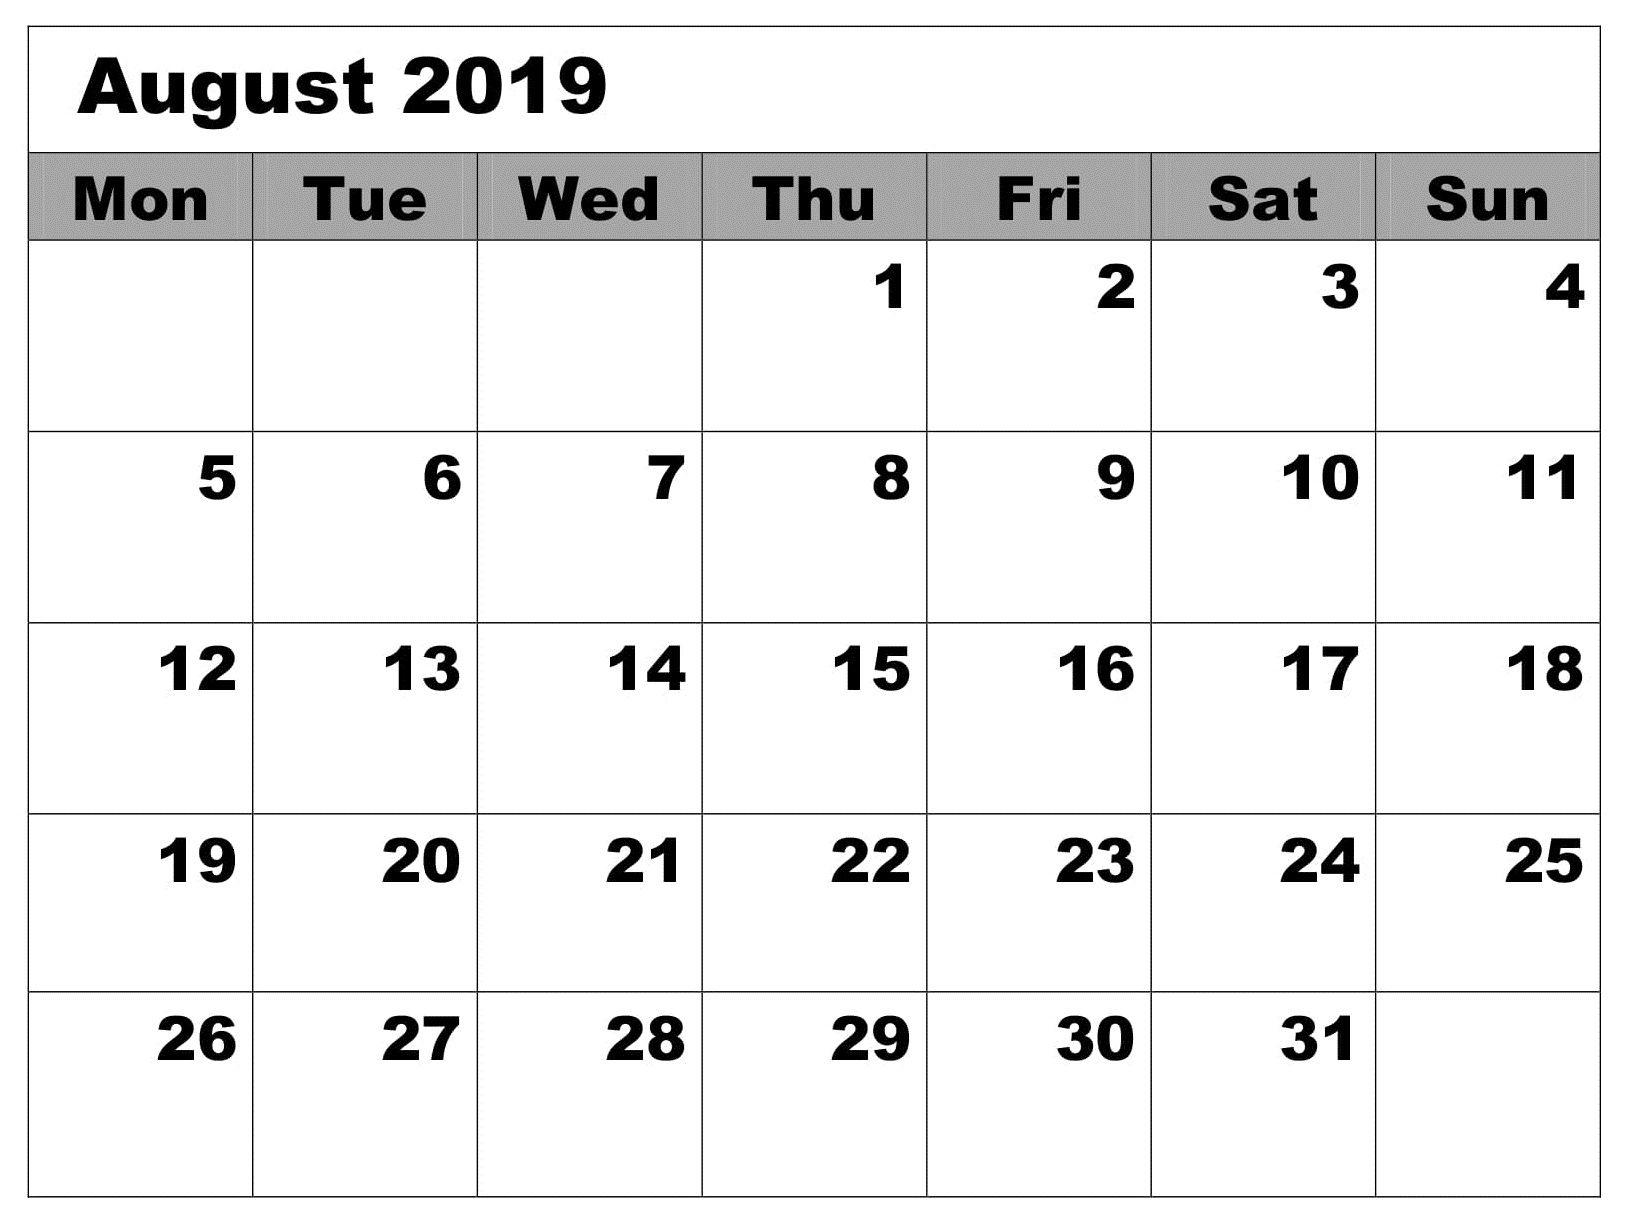 Calendar Blank August 2019 Editable | Calendar August 2019